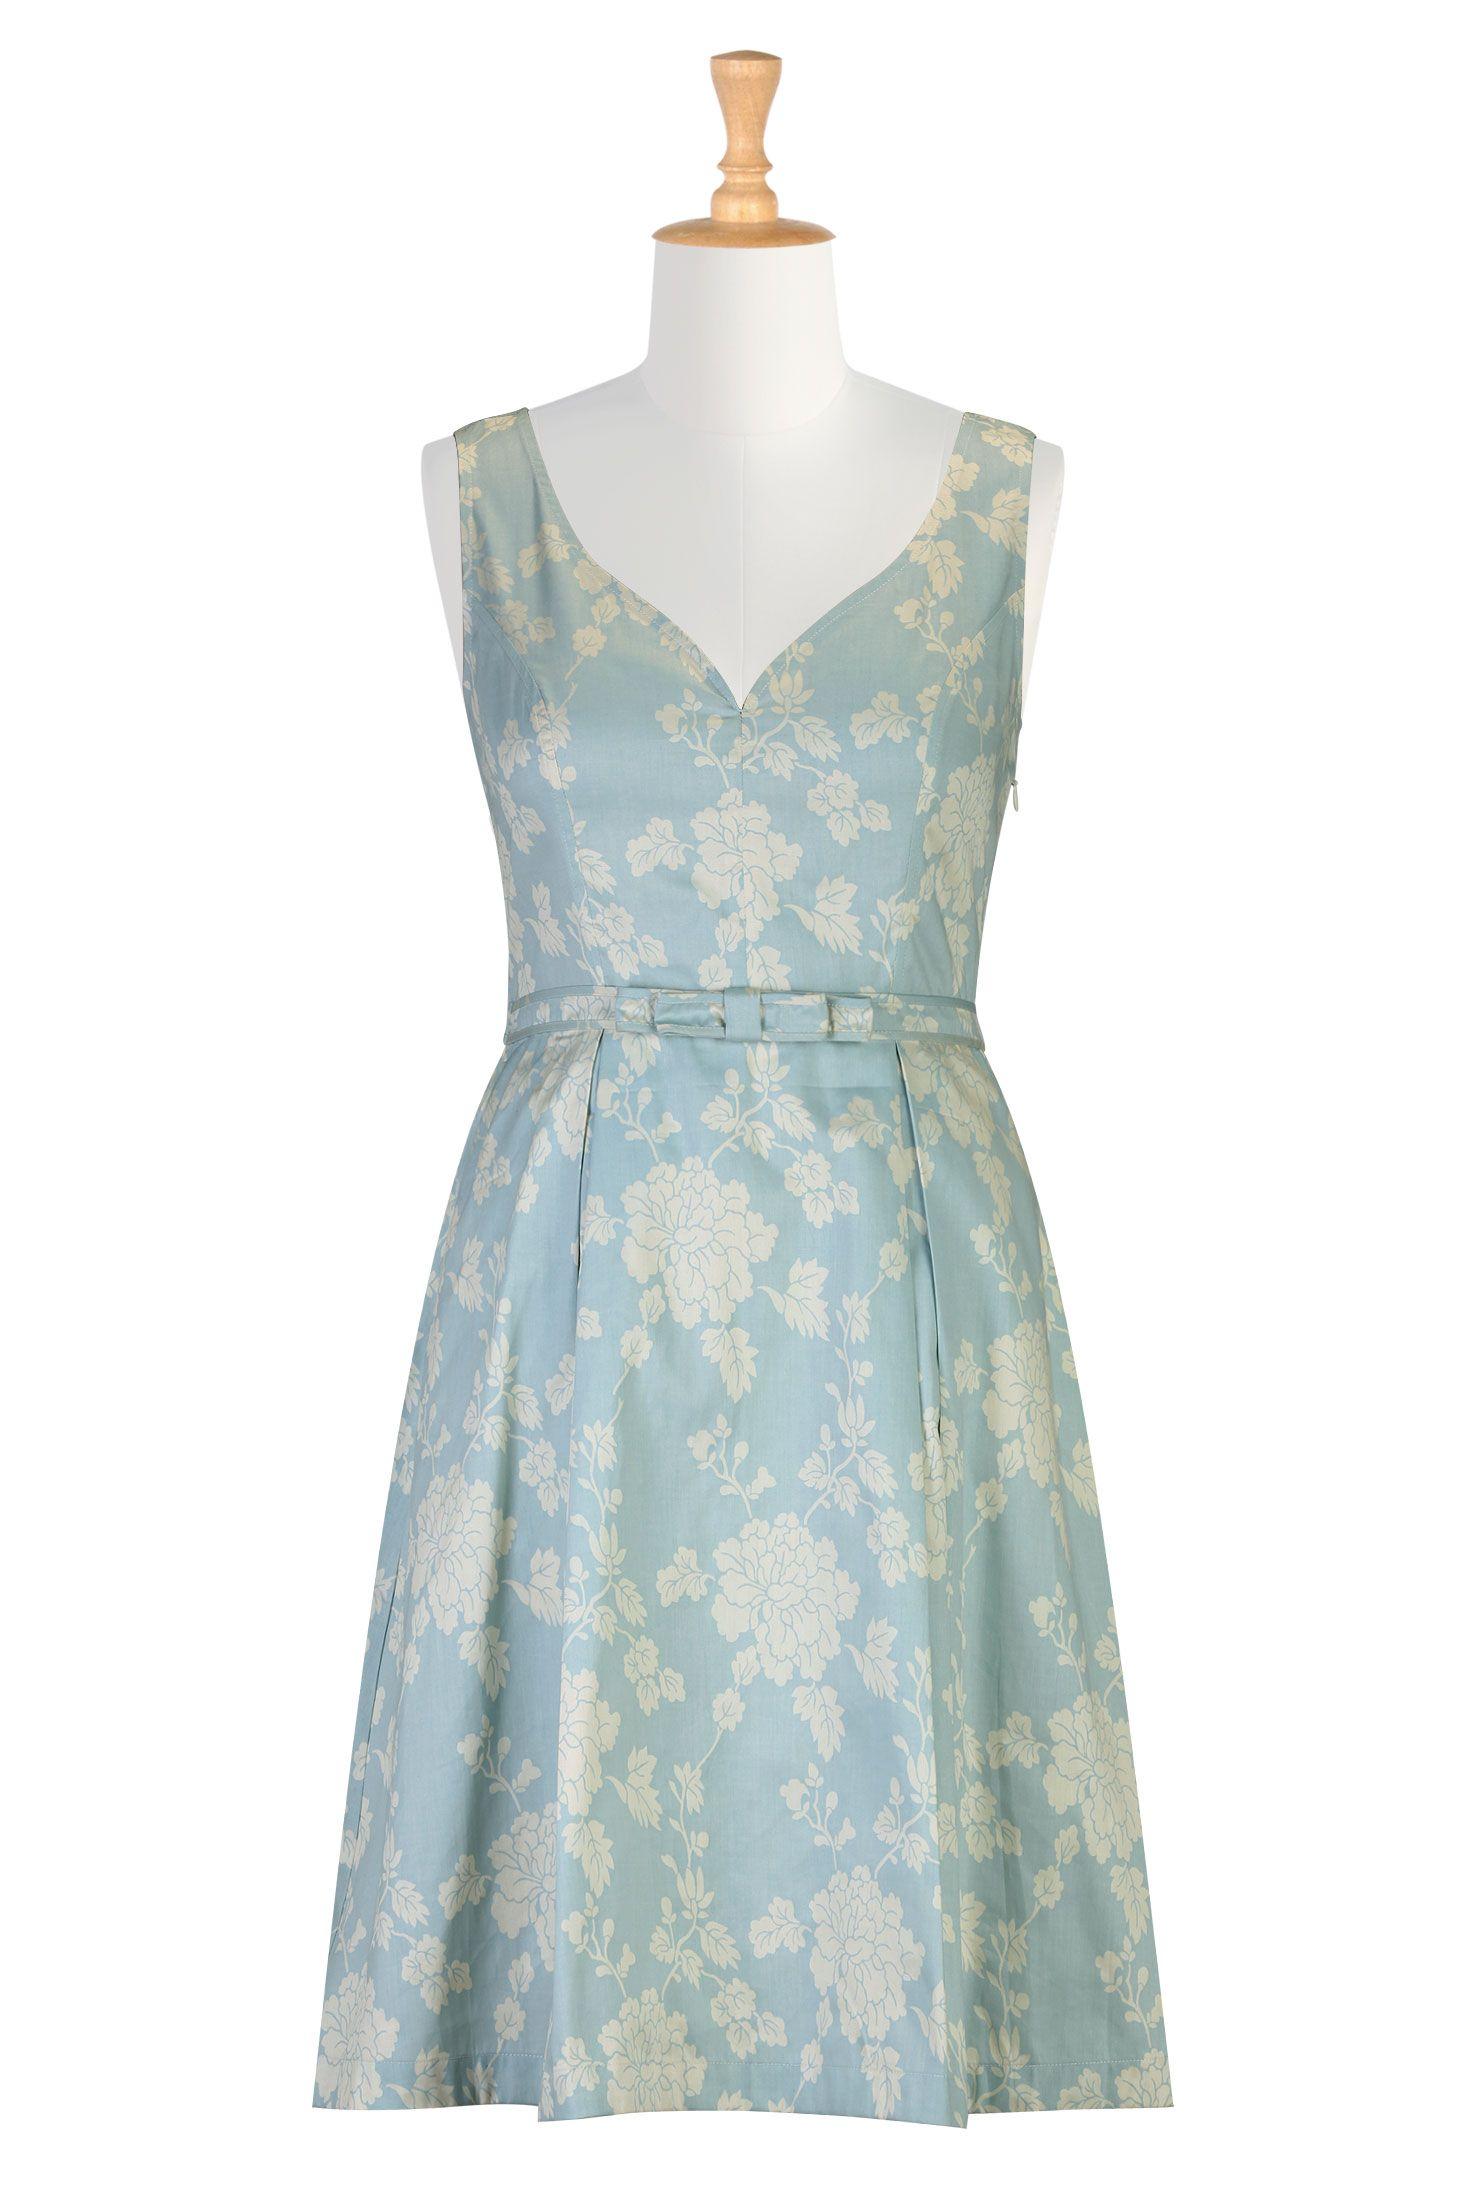 Elizabeth dress light blue dresses blue dresses and dress blues elizabeth dress ombrellifo Choice Image